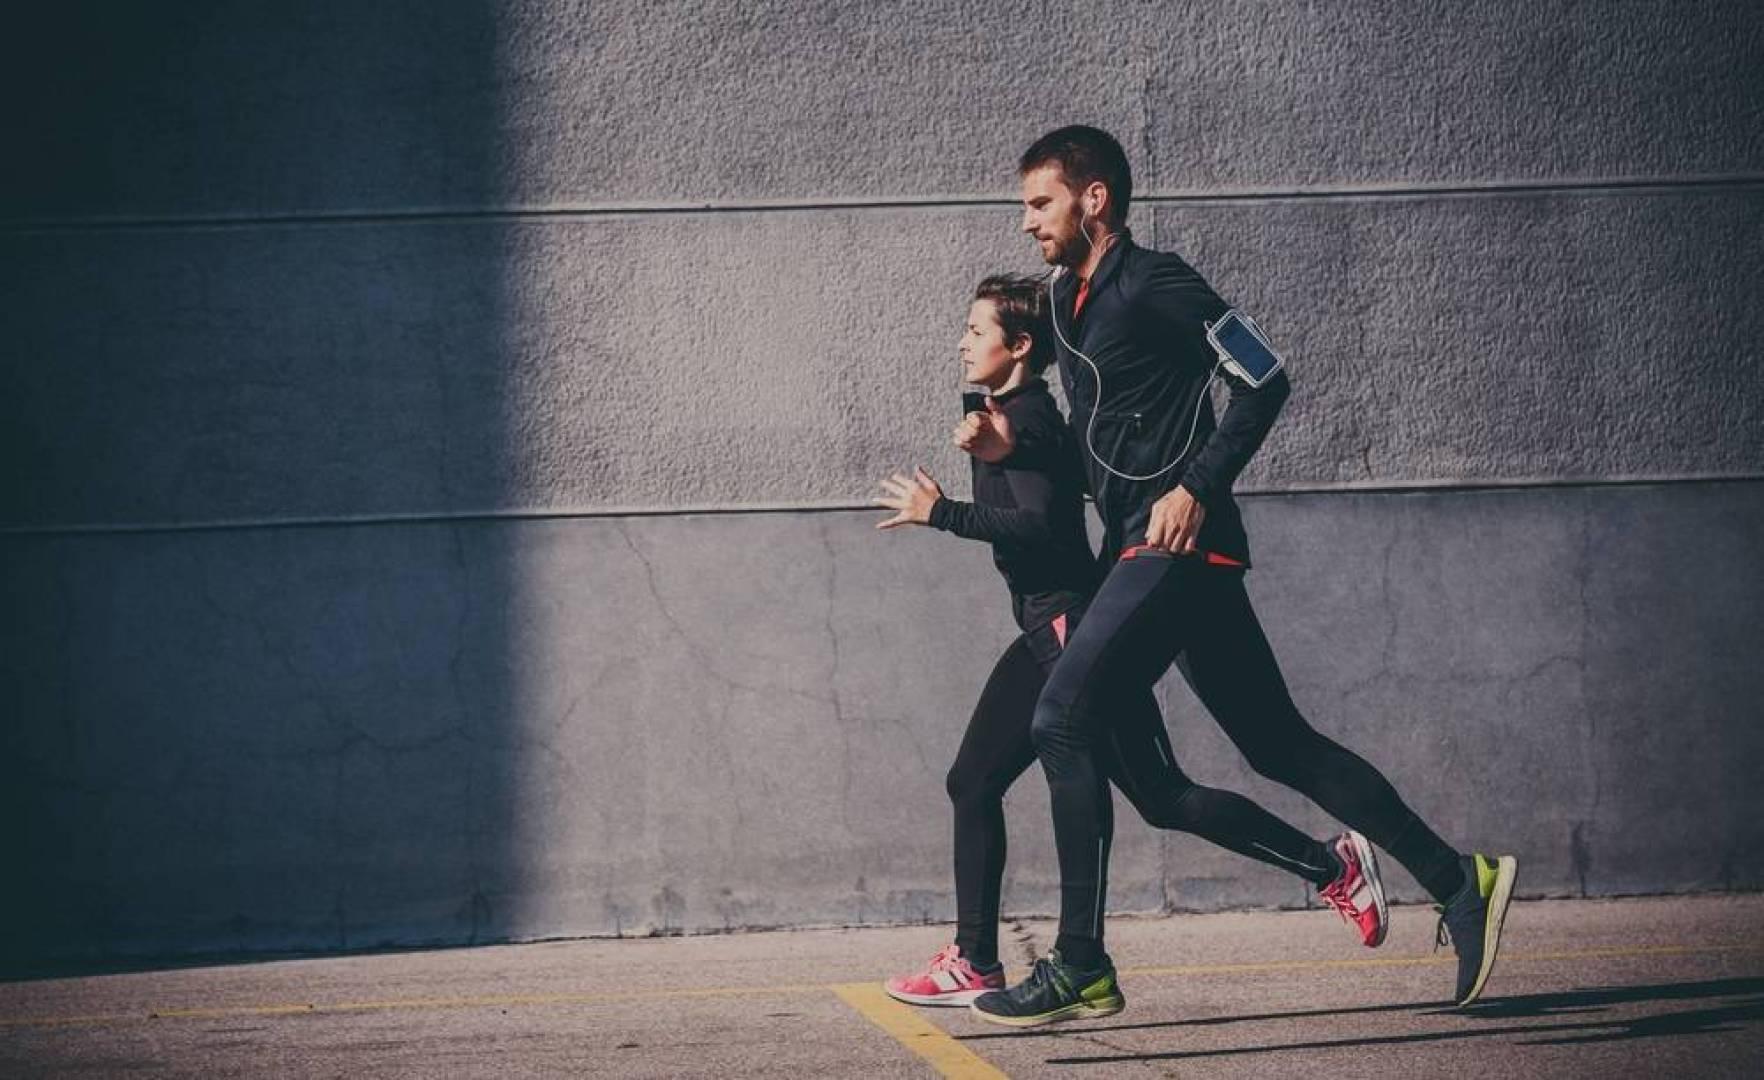 التمارين الرياضية.. 7 فوائد للنشاط البدني المنتظم